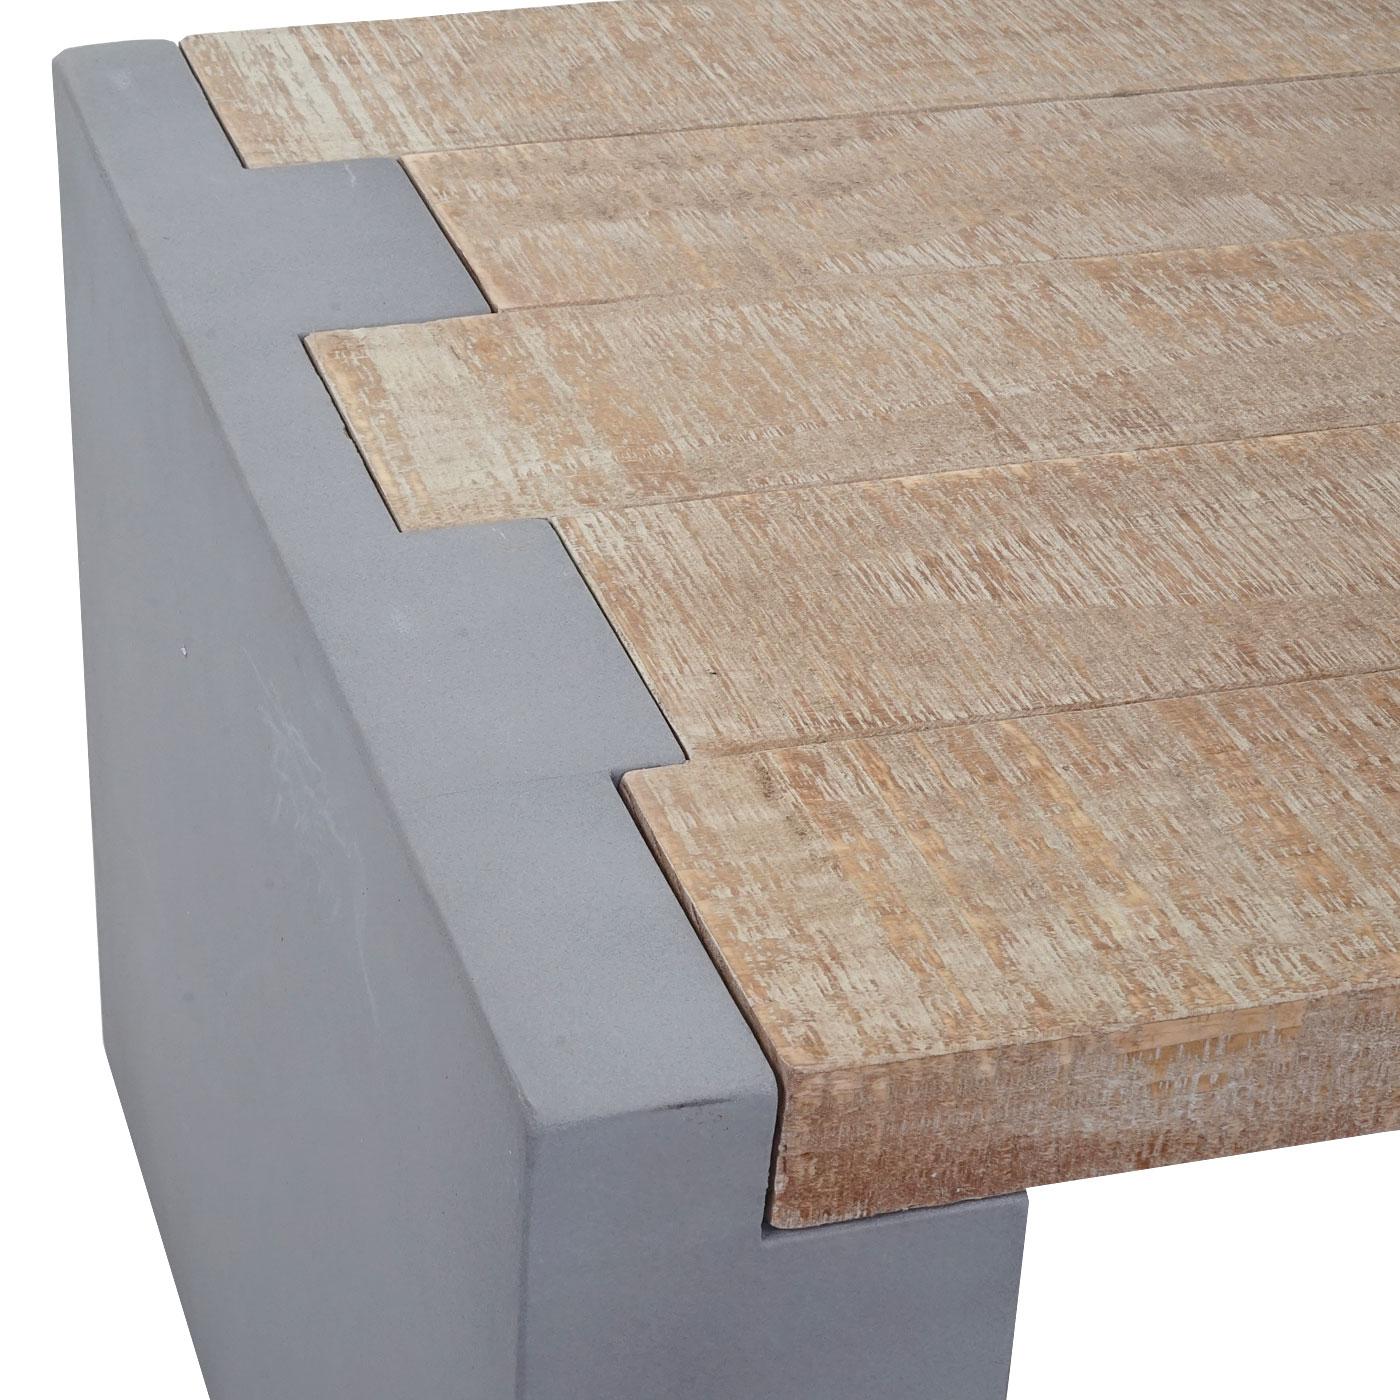 Couchtisch HWC-A15, Wohnzimmertisch, Beton-Optik Tanne Holz rustikal ...